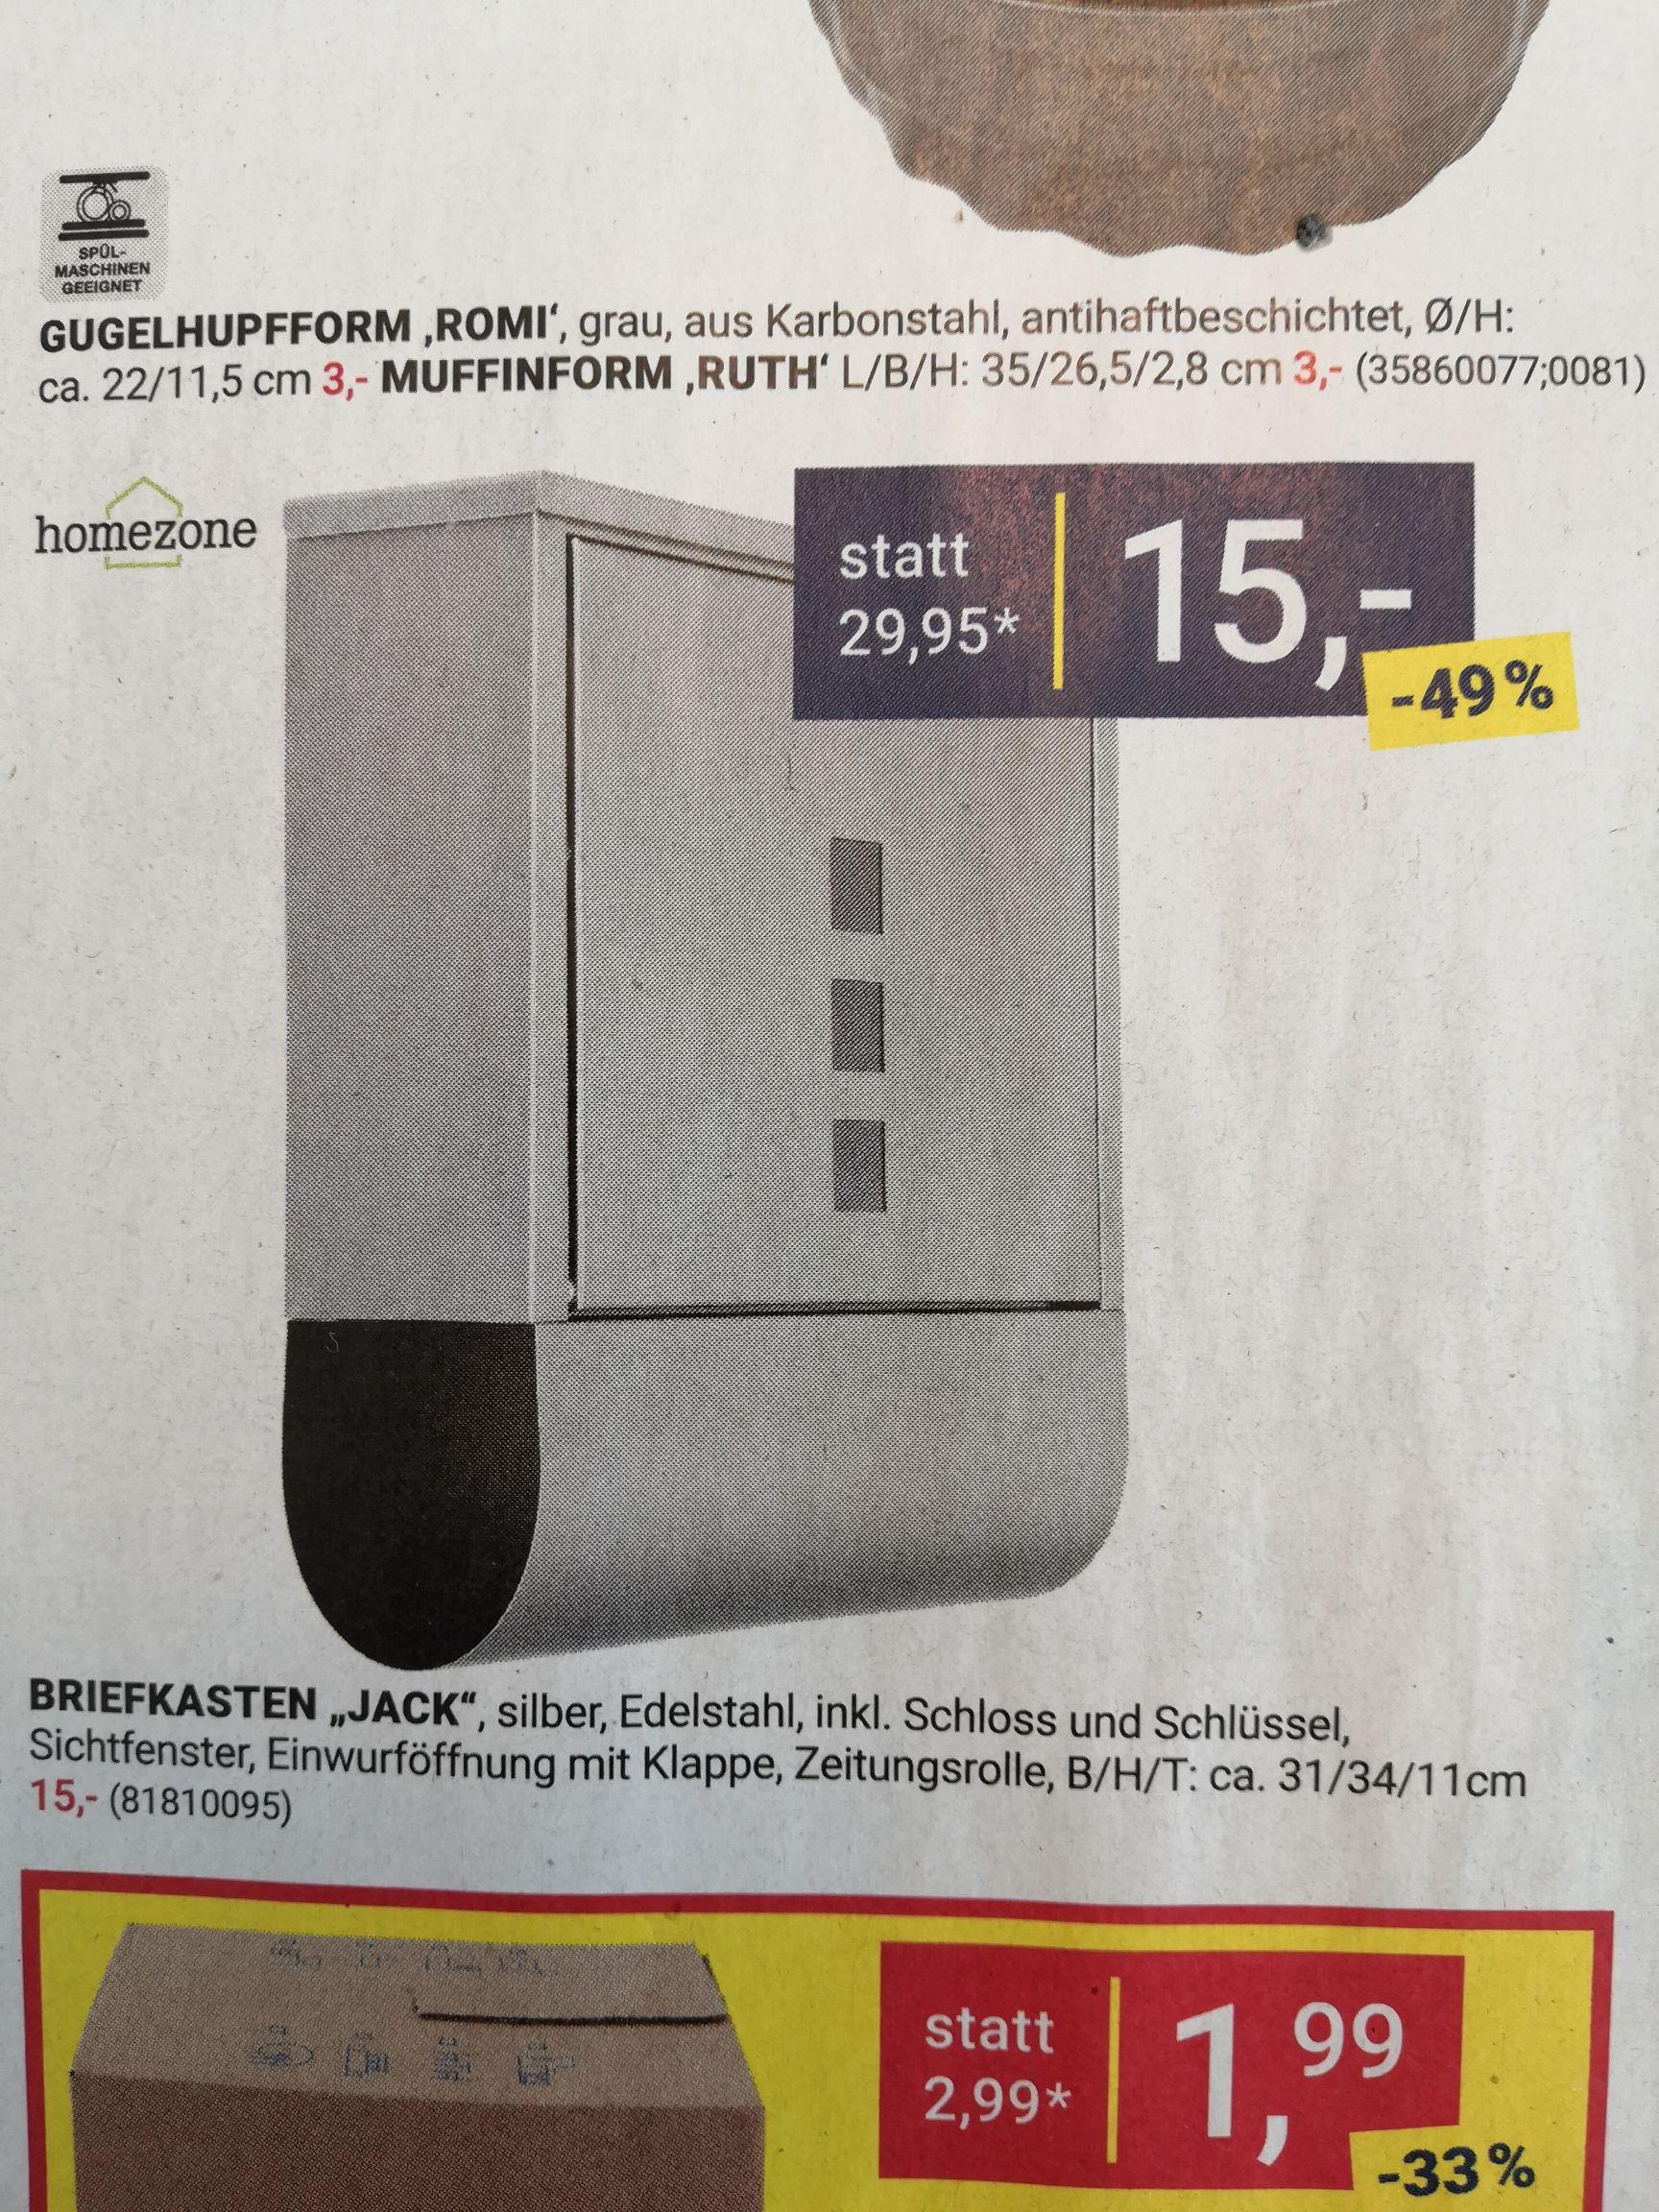 Möbelix: Edelstahl-Briefkasten mit Zeitungsrolle